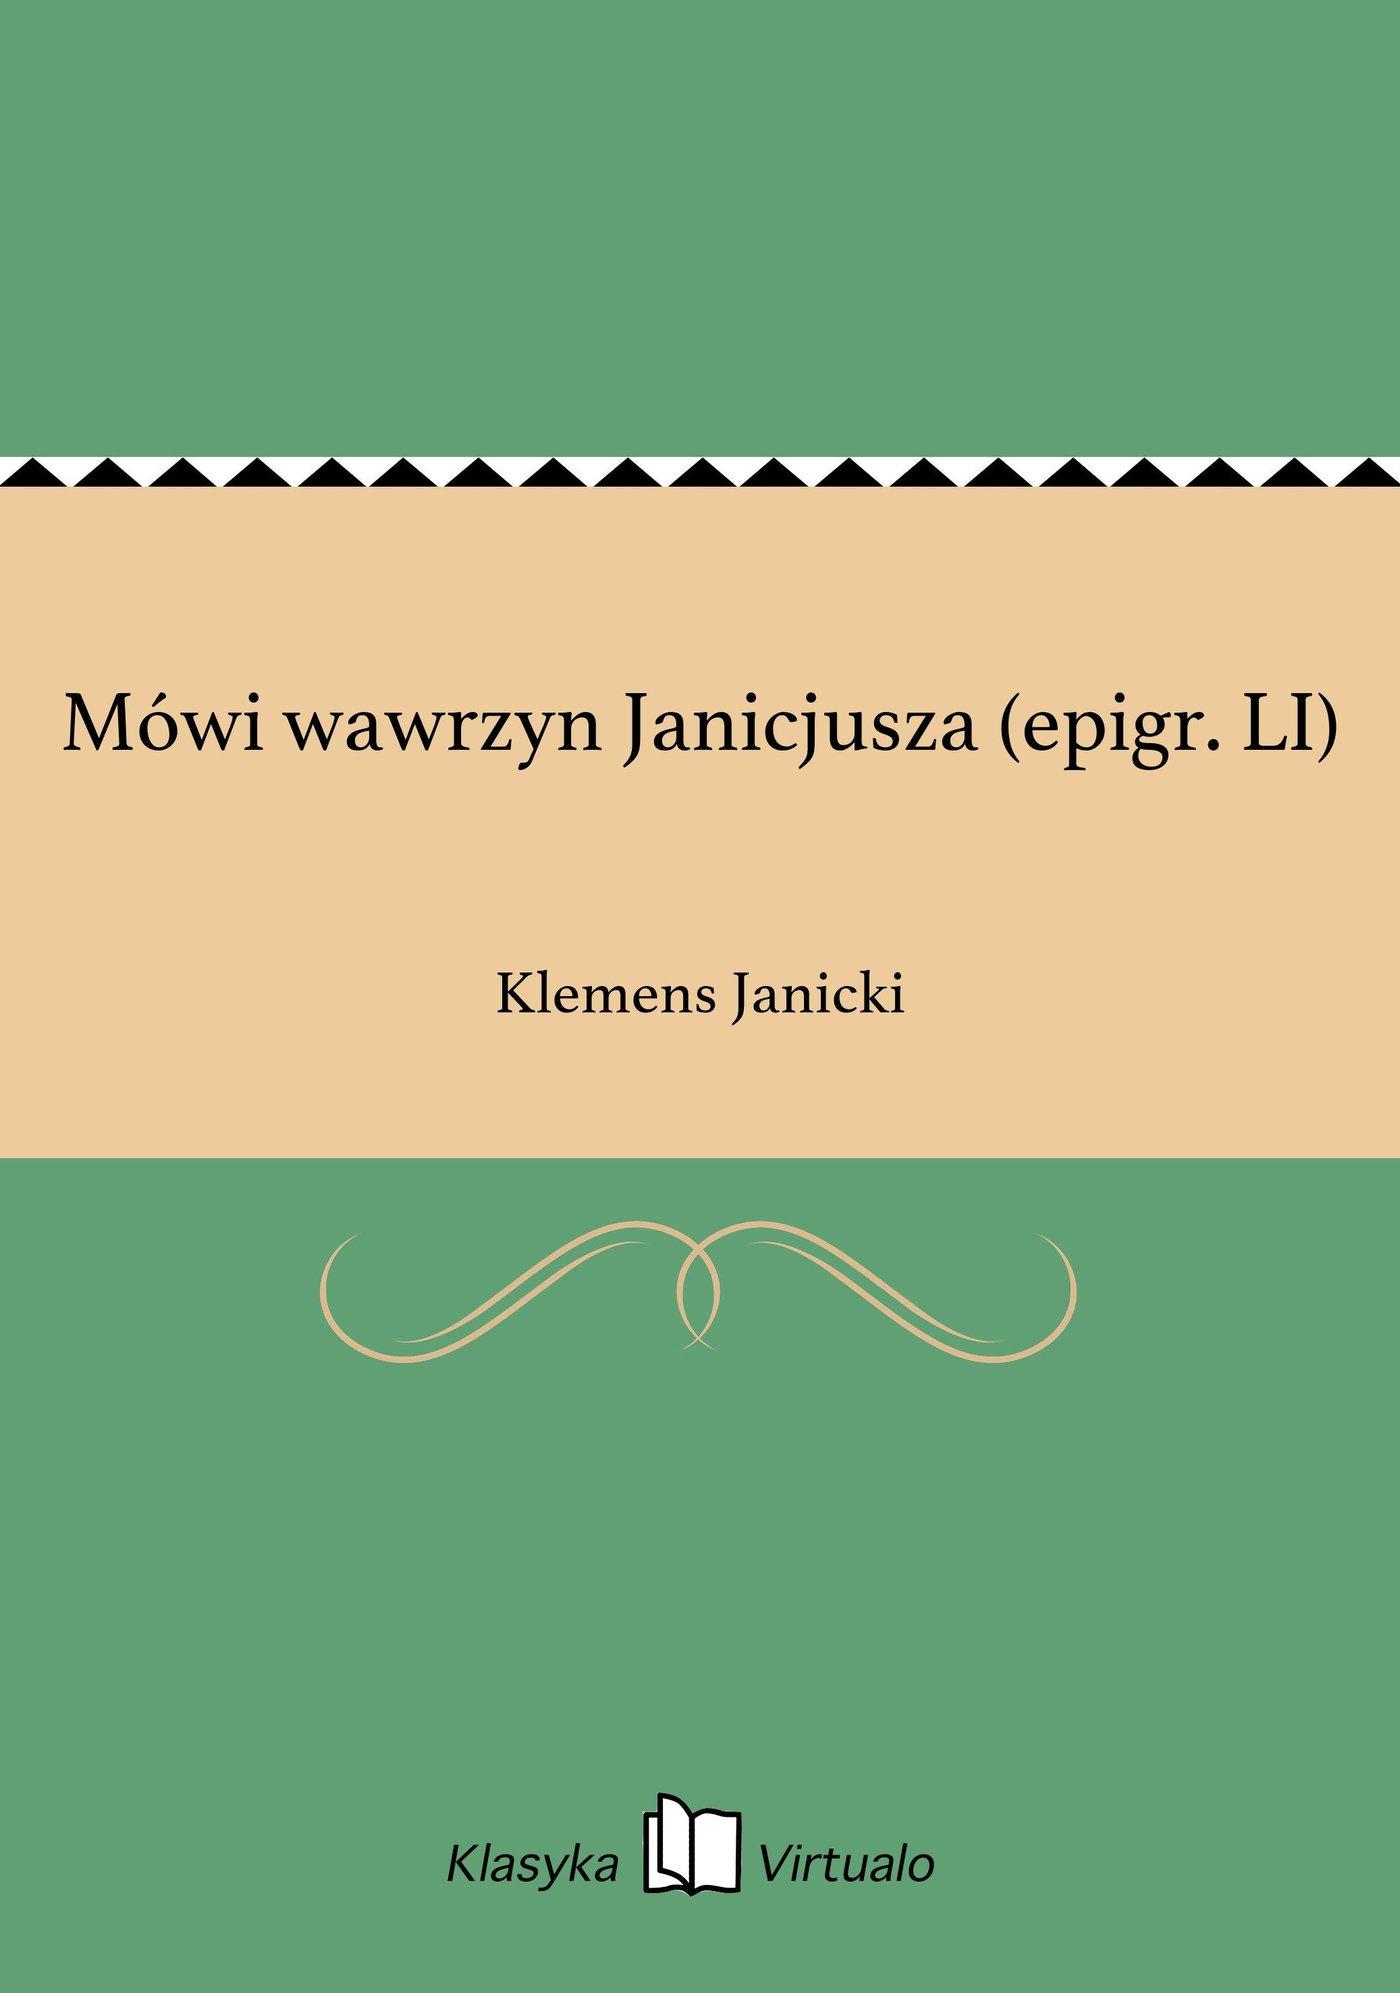 Mówi wawrzyn Janicjusza (epigr. LI) - Ebook (Książka EPUB) do pobrania w formacie EPUB